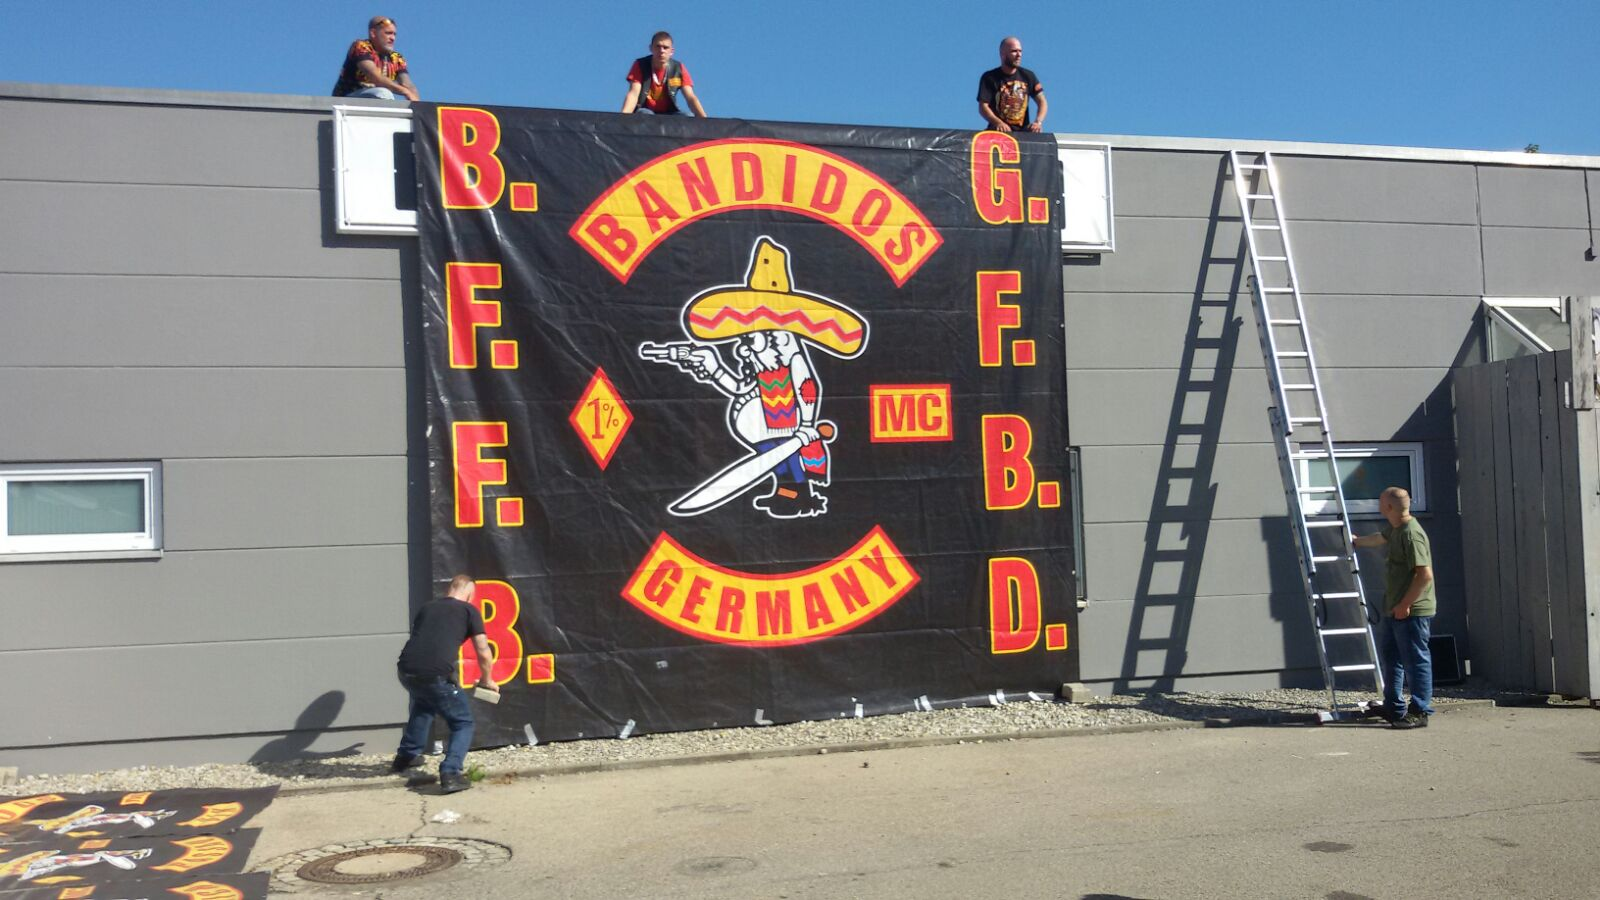 Bandidos 10 Jahre_Banner